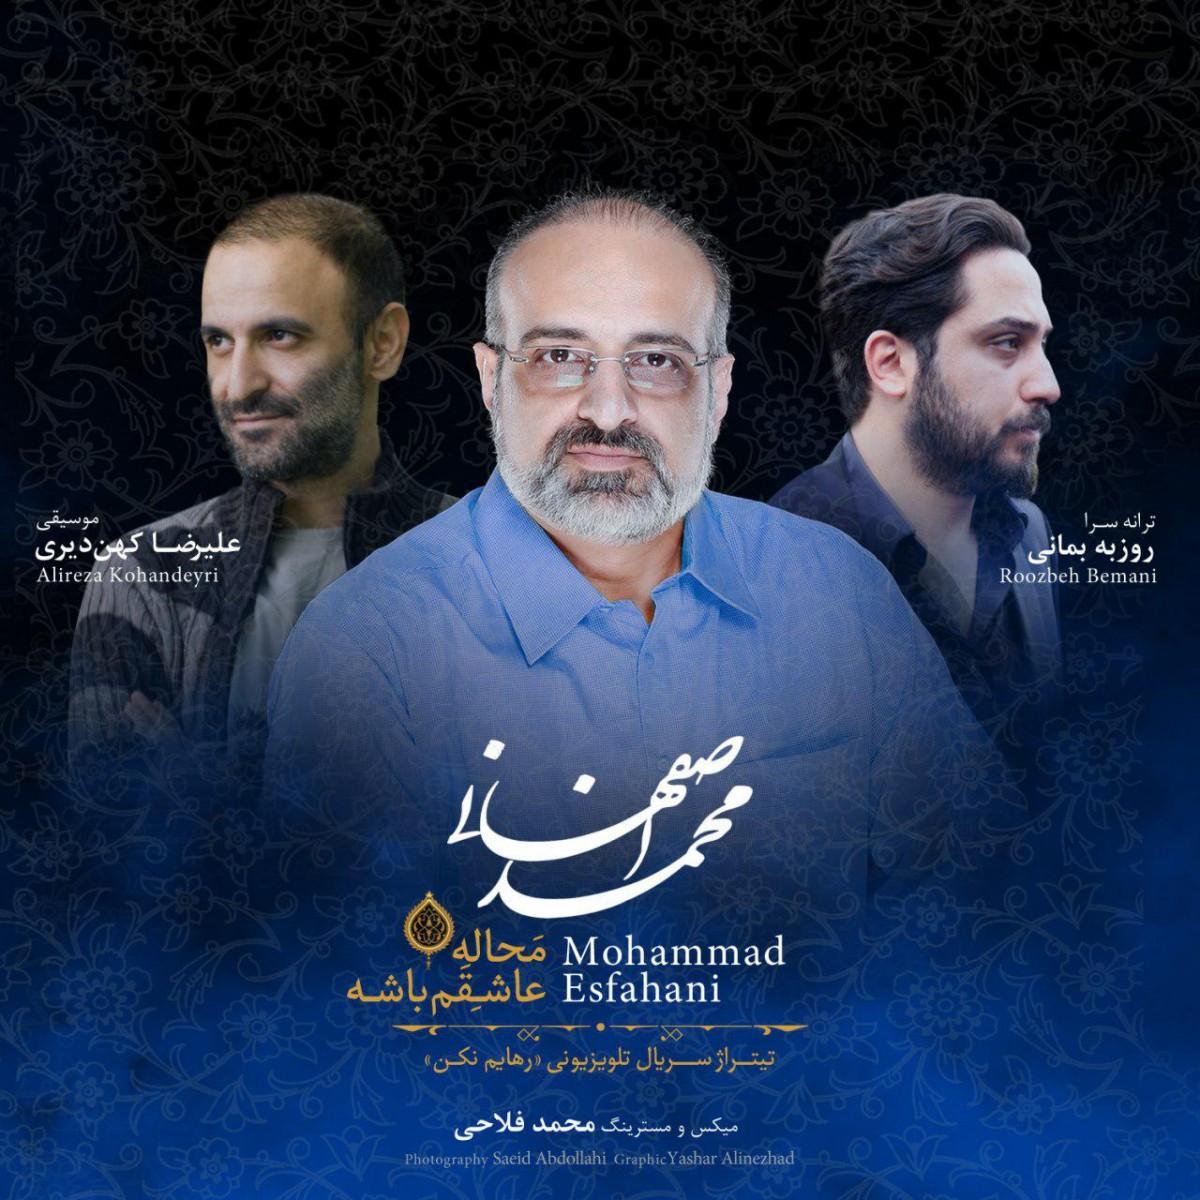 نامبر وان موزیک | دانلود آهنگ جدید Mohammad-Esfahani-Mahaale-Ashegham-Bashe